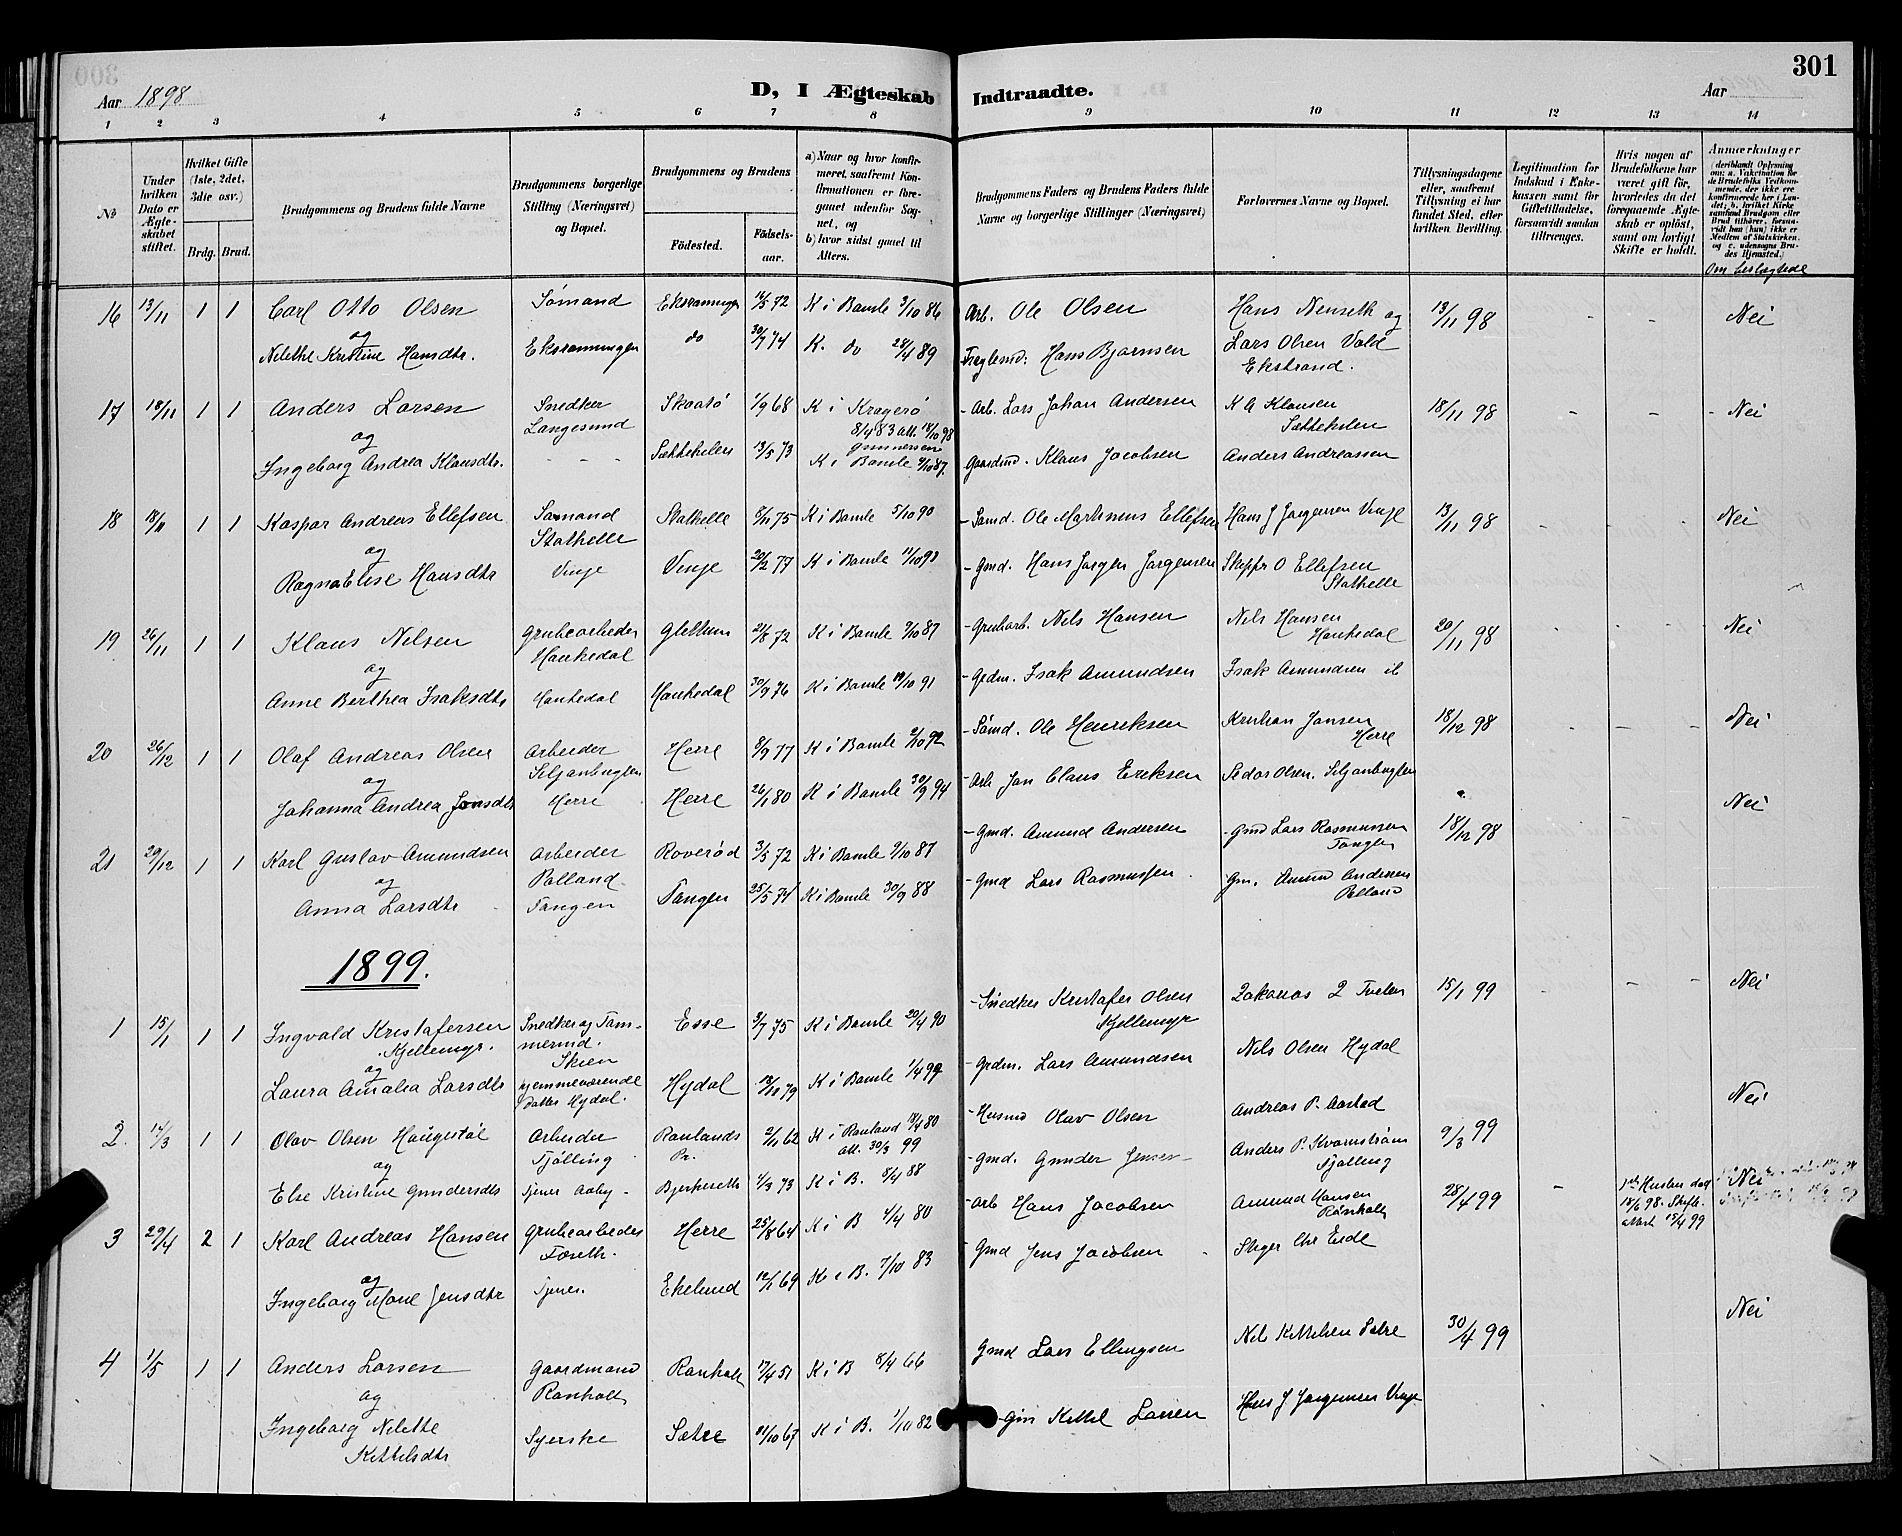 SAKO, Bamble kirkebøker, G/Ga/L0009: Klokkerbok nr. I 9, 1888-1900, s. 301